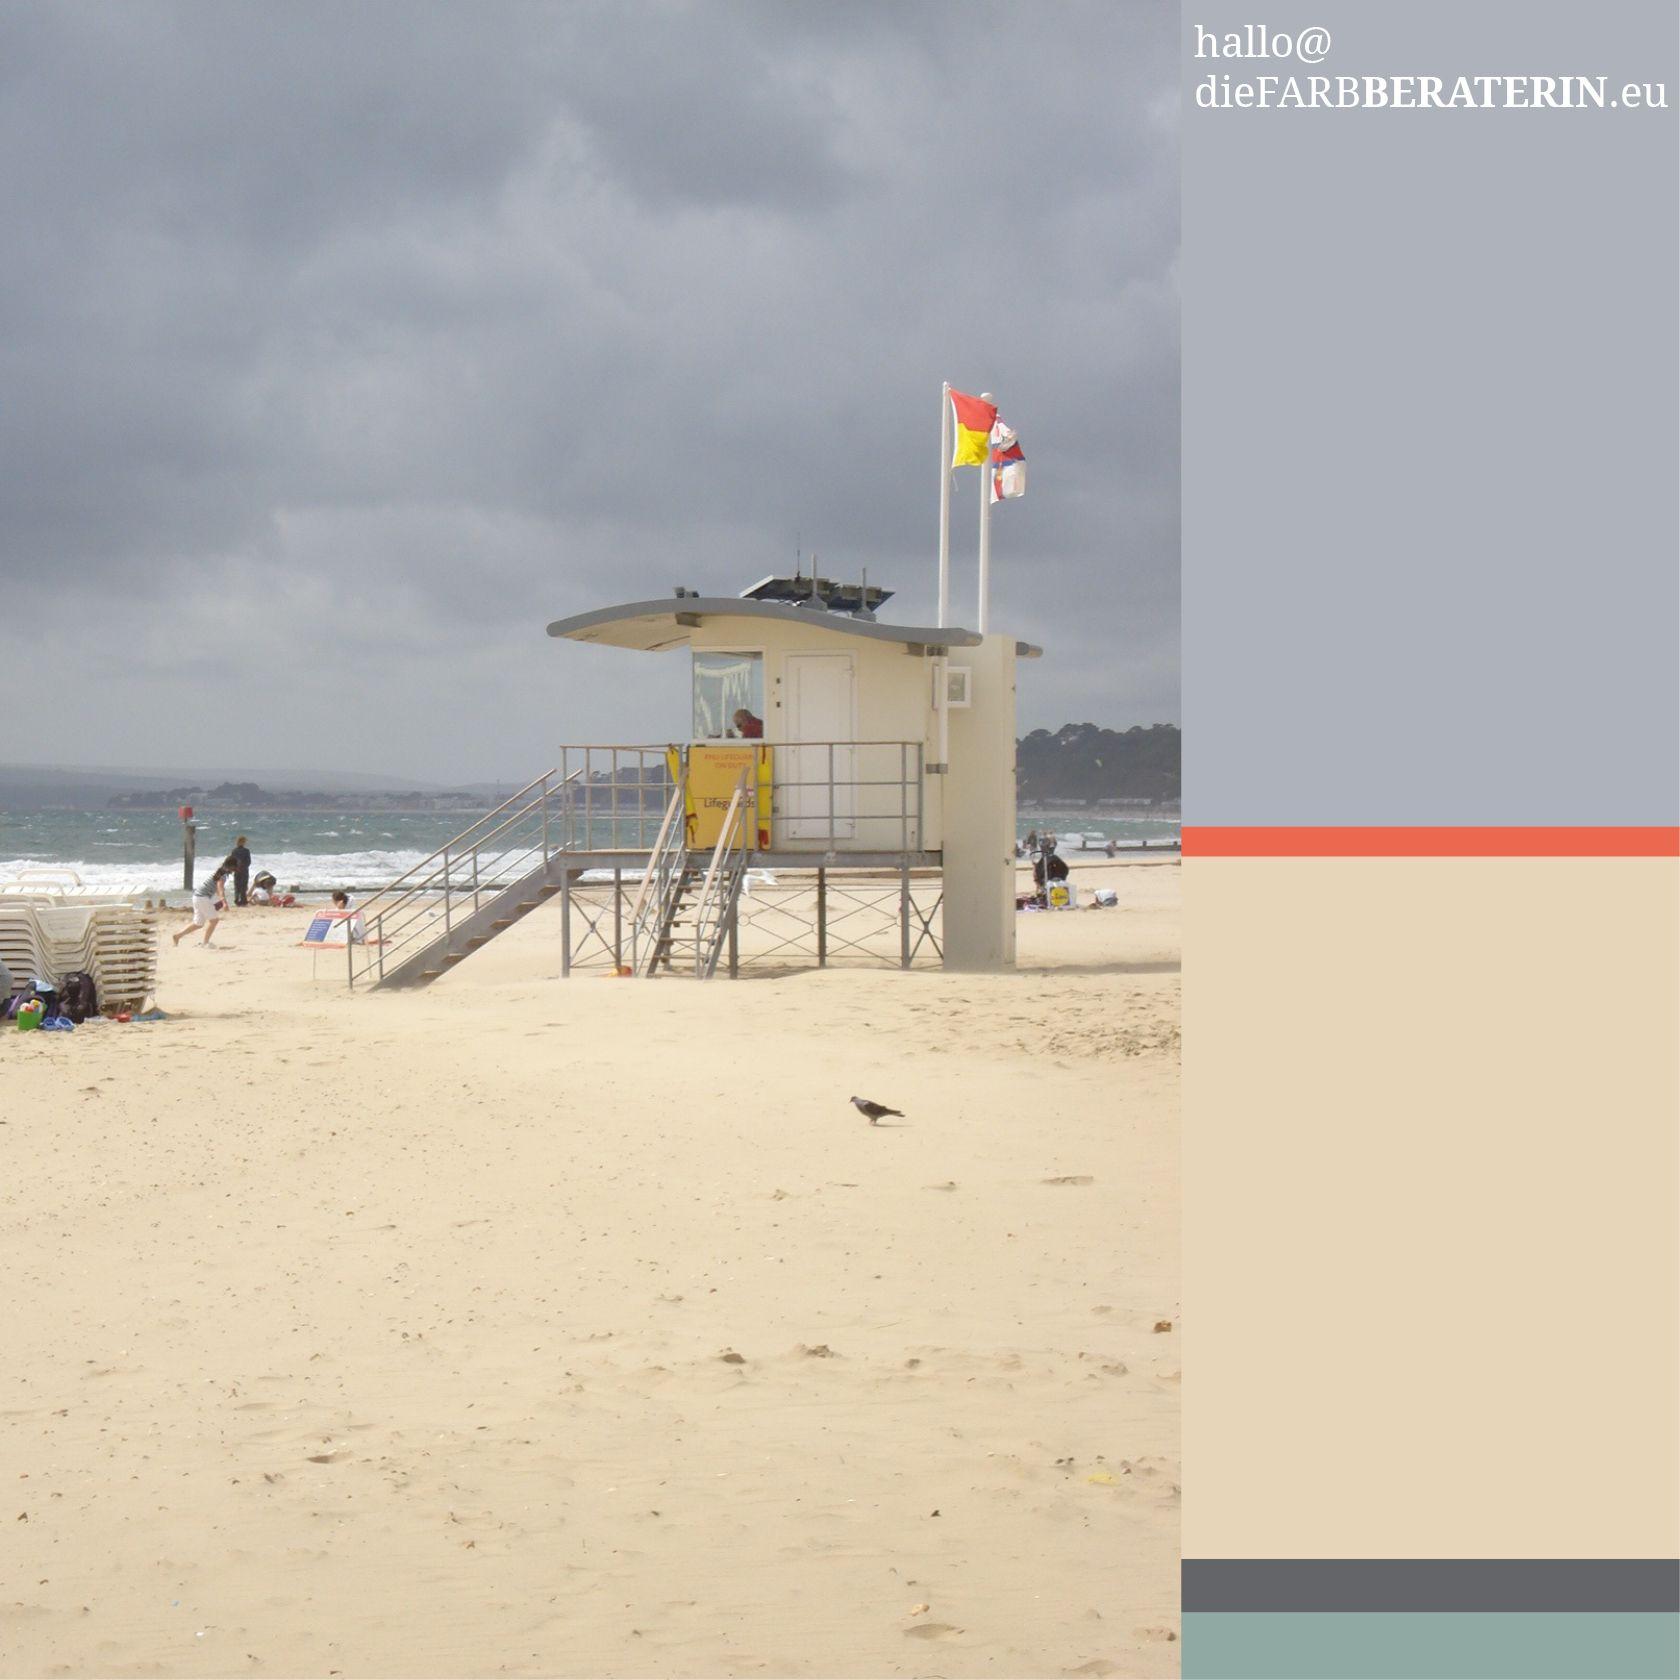 #farbinspiration #bounemouth #beach #dorset #england #2008